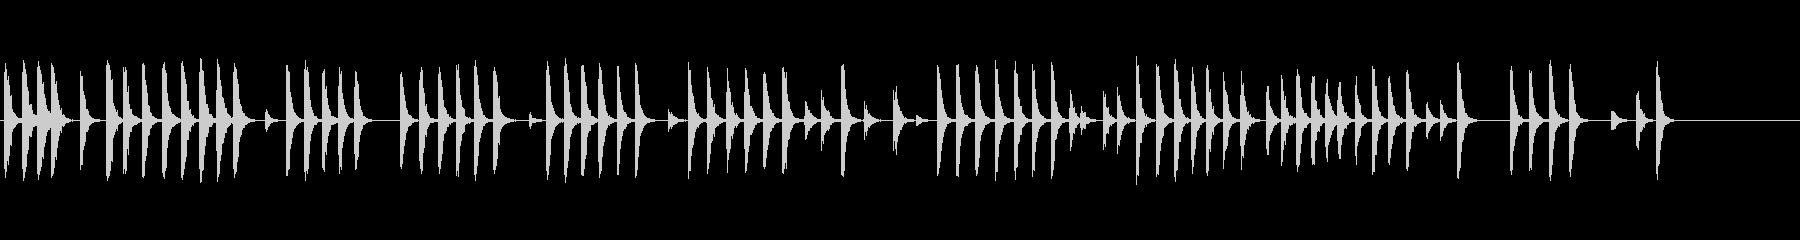 屋外の木に2つのハンマーの未再生の波形